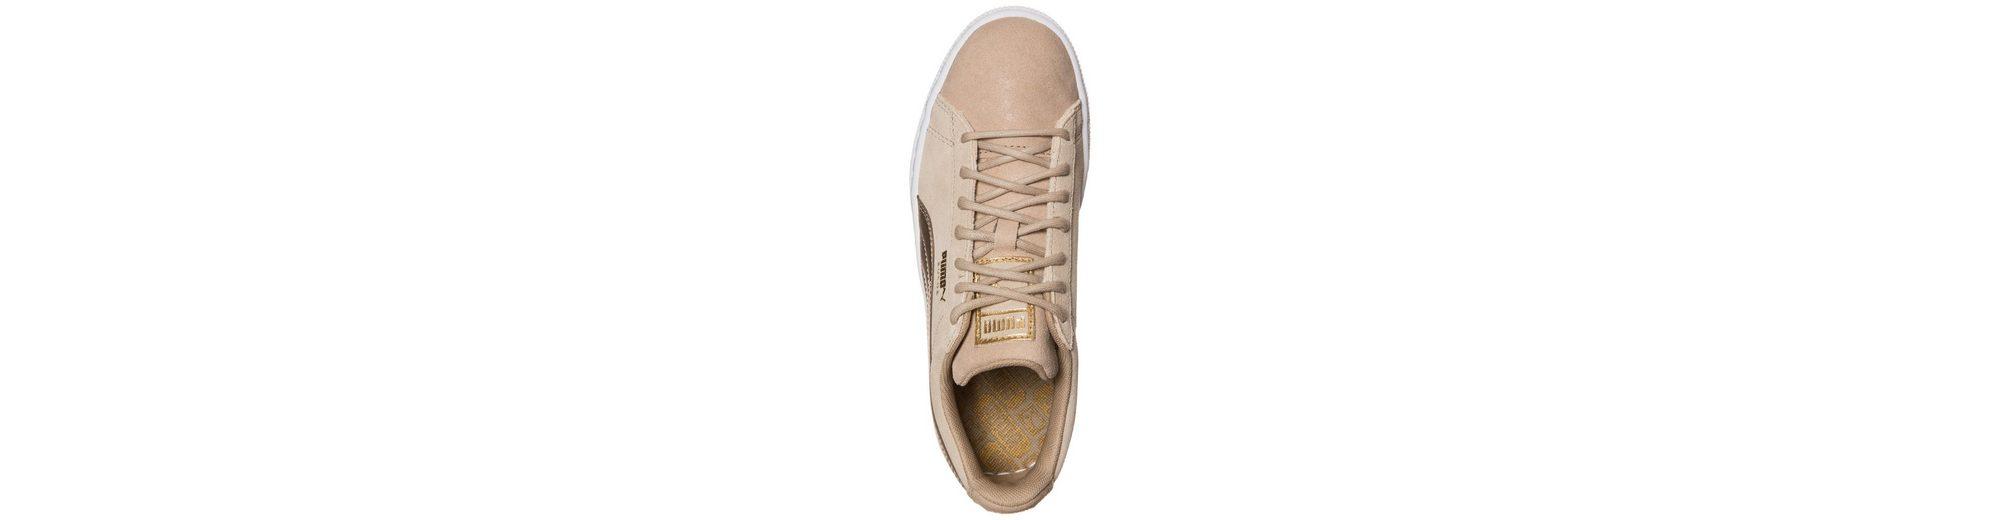 Verkauf Offizielle Seite PUMA Suede Classic Metallic Safari Sneaker Rabatt Erstaunlicher Preis Besuch 2n7Lp5VEE